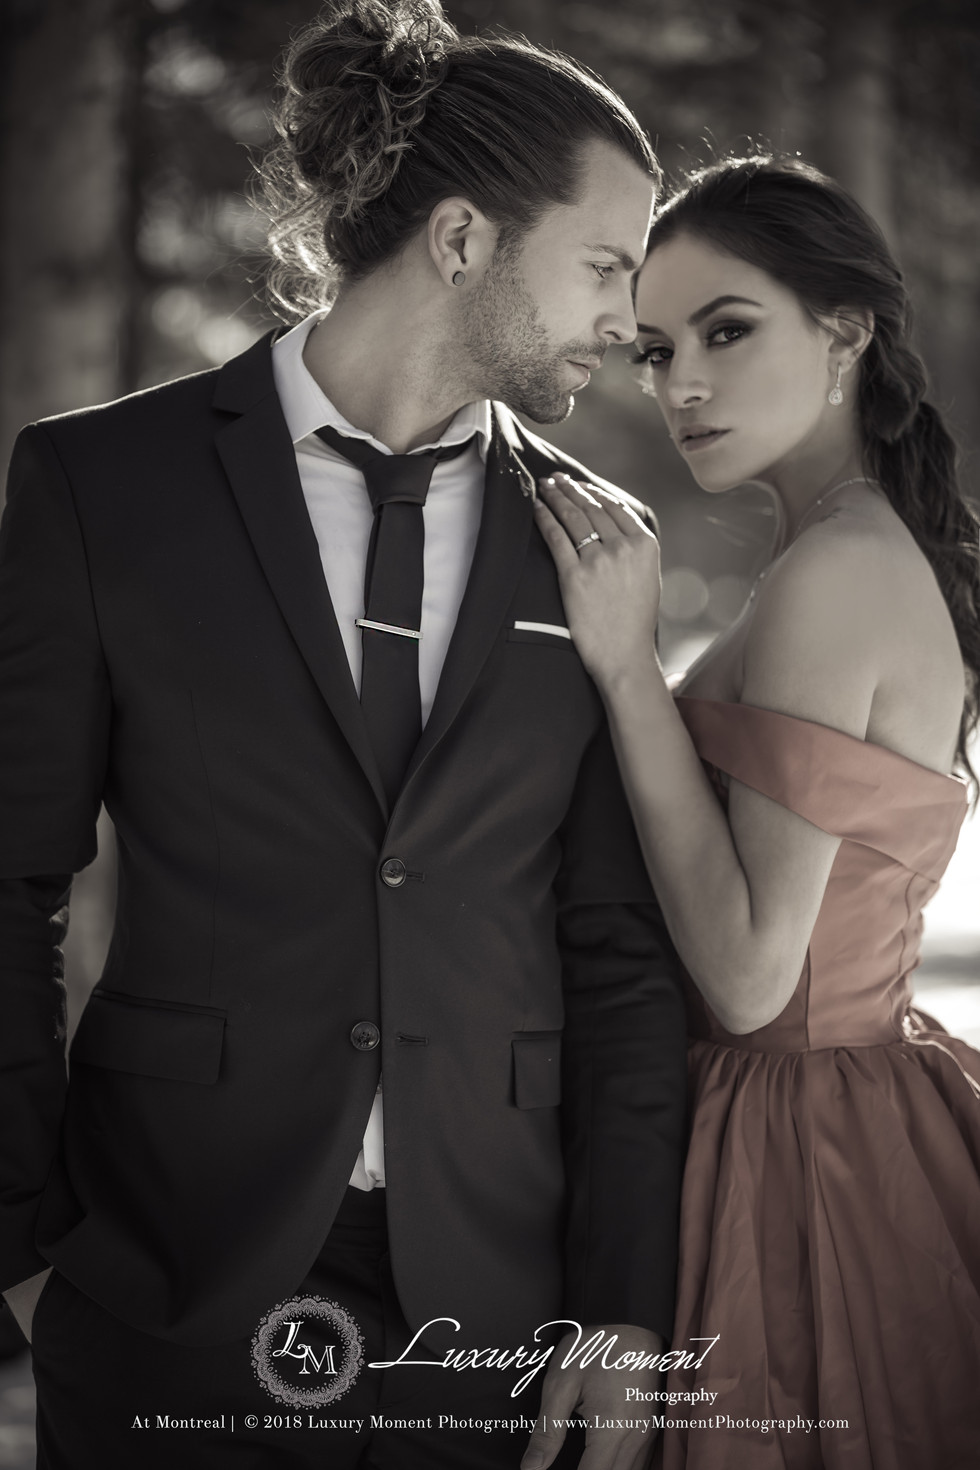 Luxury moment photography - Montreal Wedding photographer